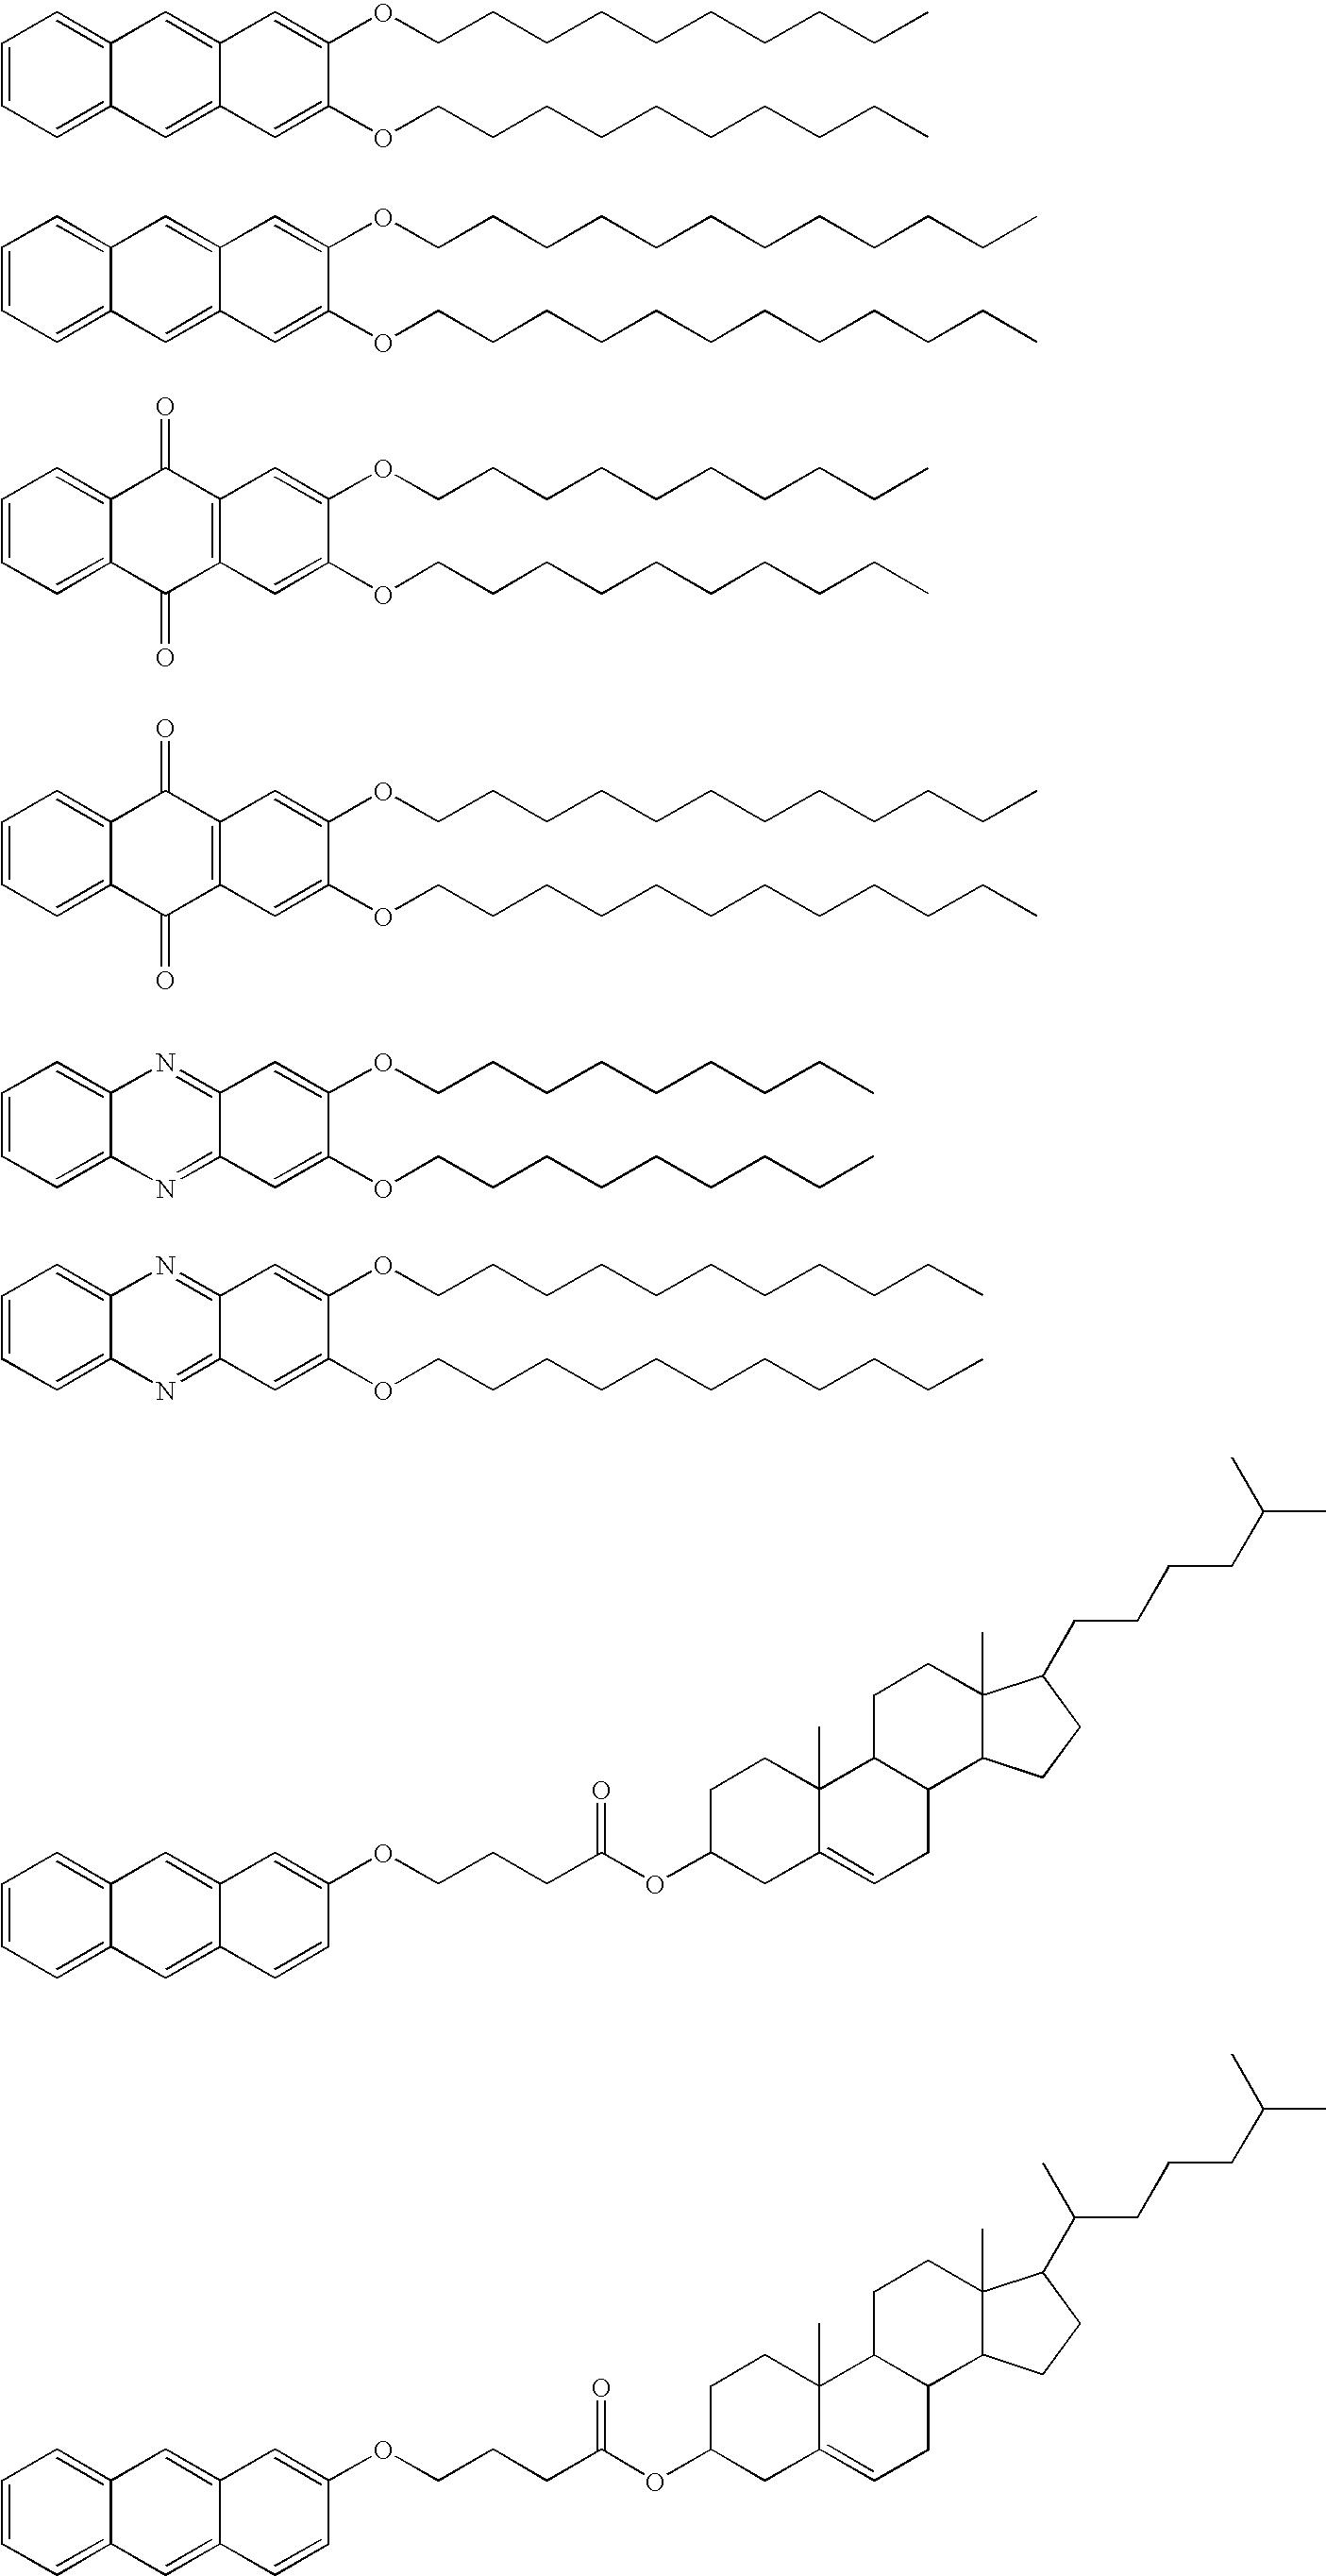 Figure US20040065227A1-20040408-C00012